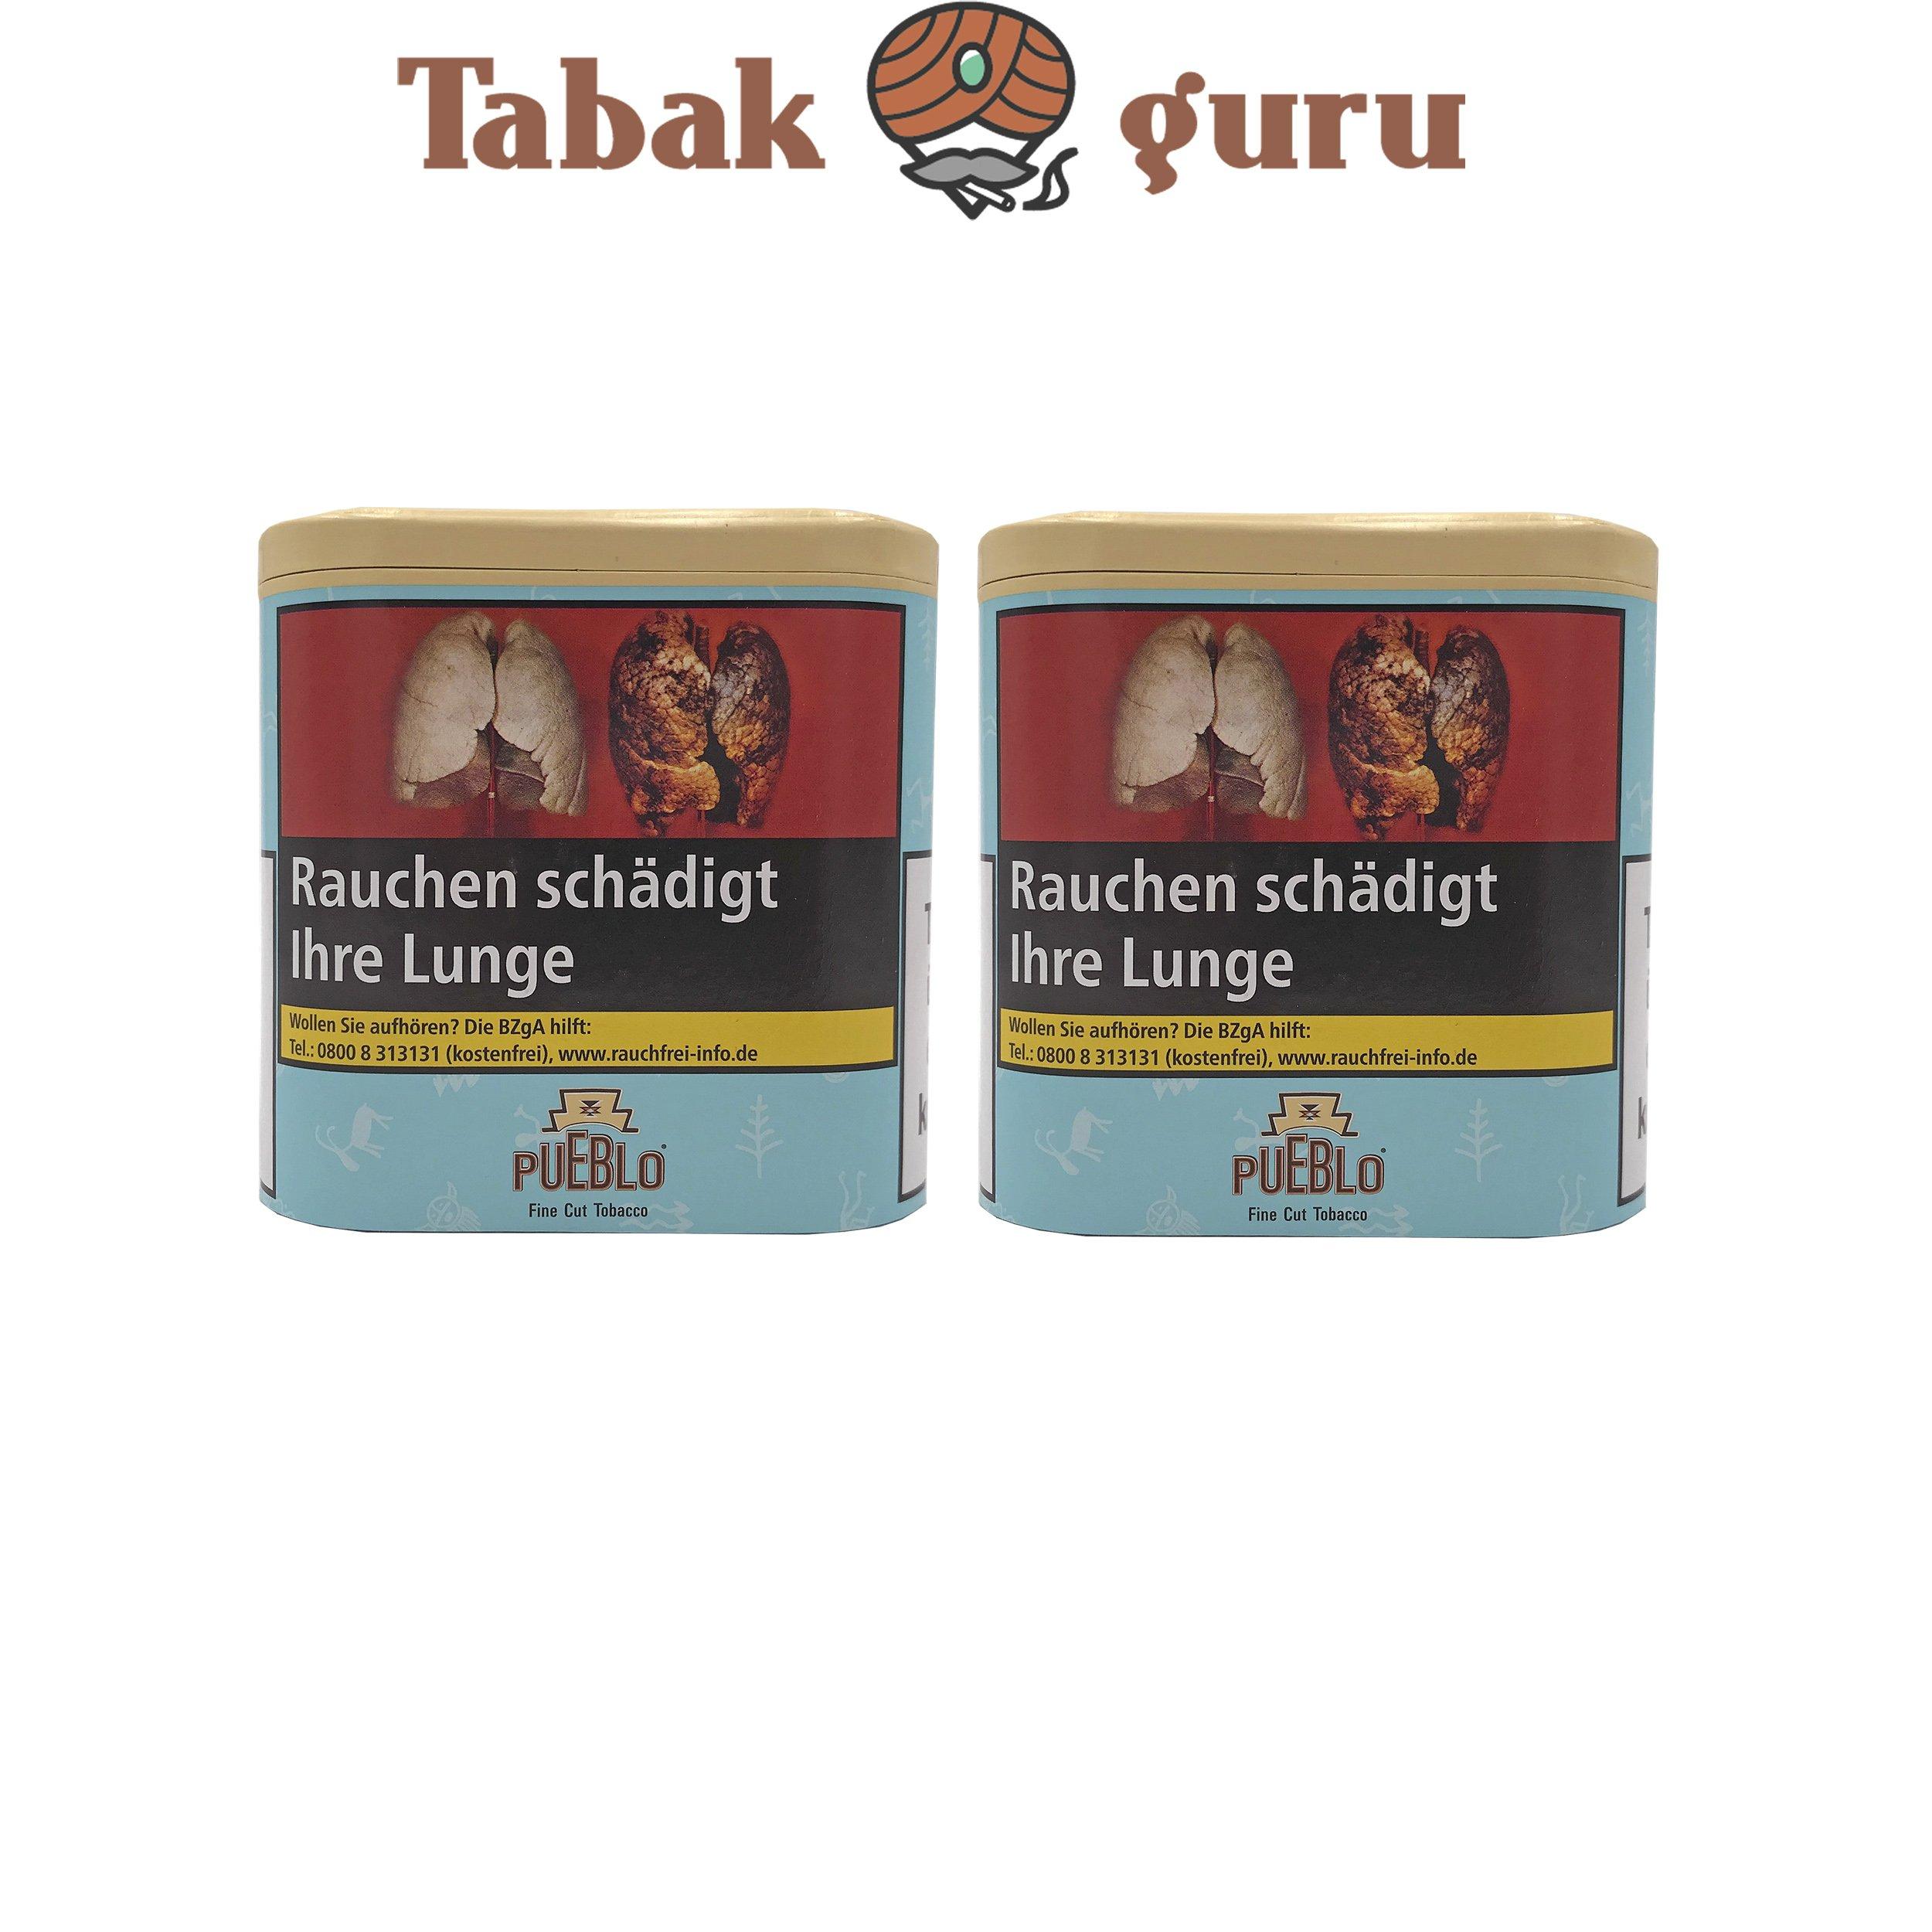 2x Pueblo Blau Feinschnitt Drehtabak Dose á 100g Tabak ohne Zusatzstoffe